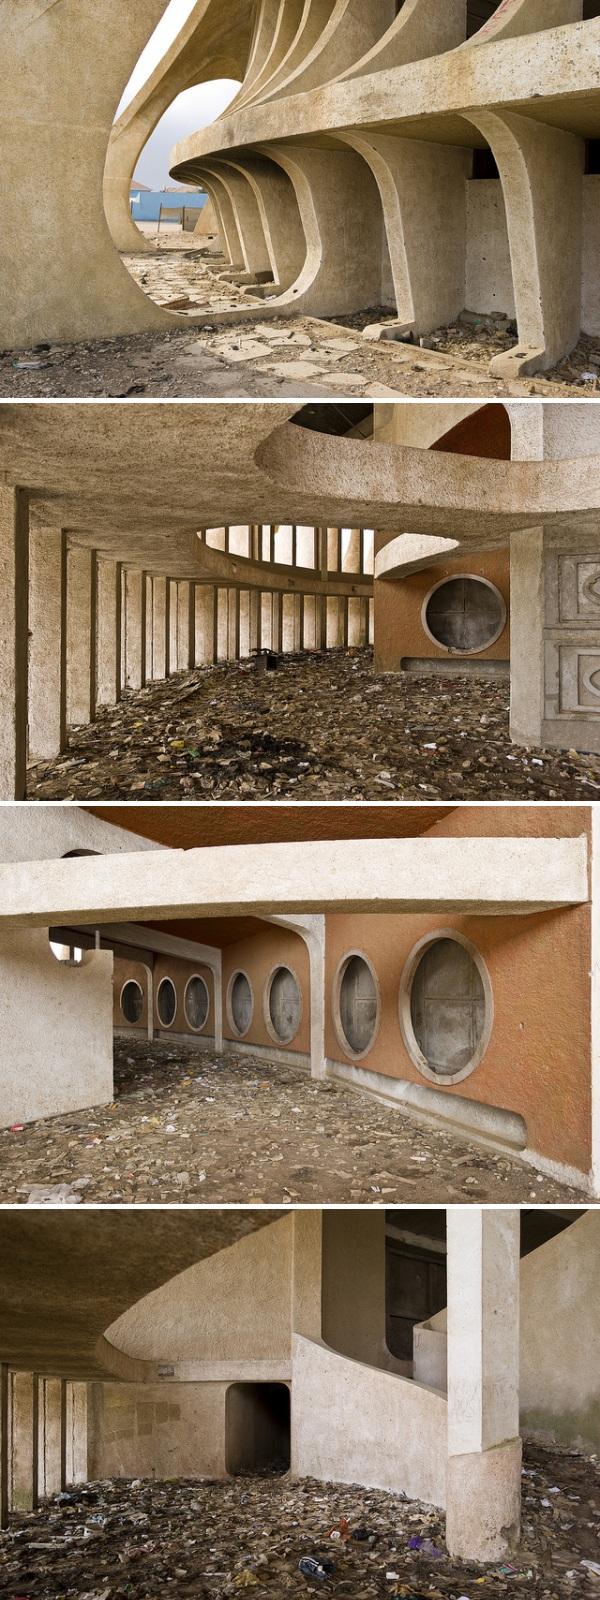 urbanghostsmedia.com (Image: Alfred Weidinger, cc-3.0)